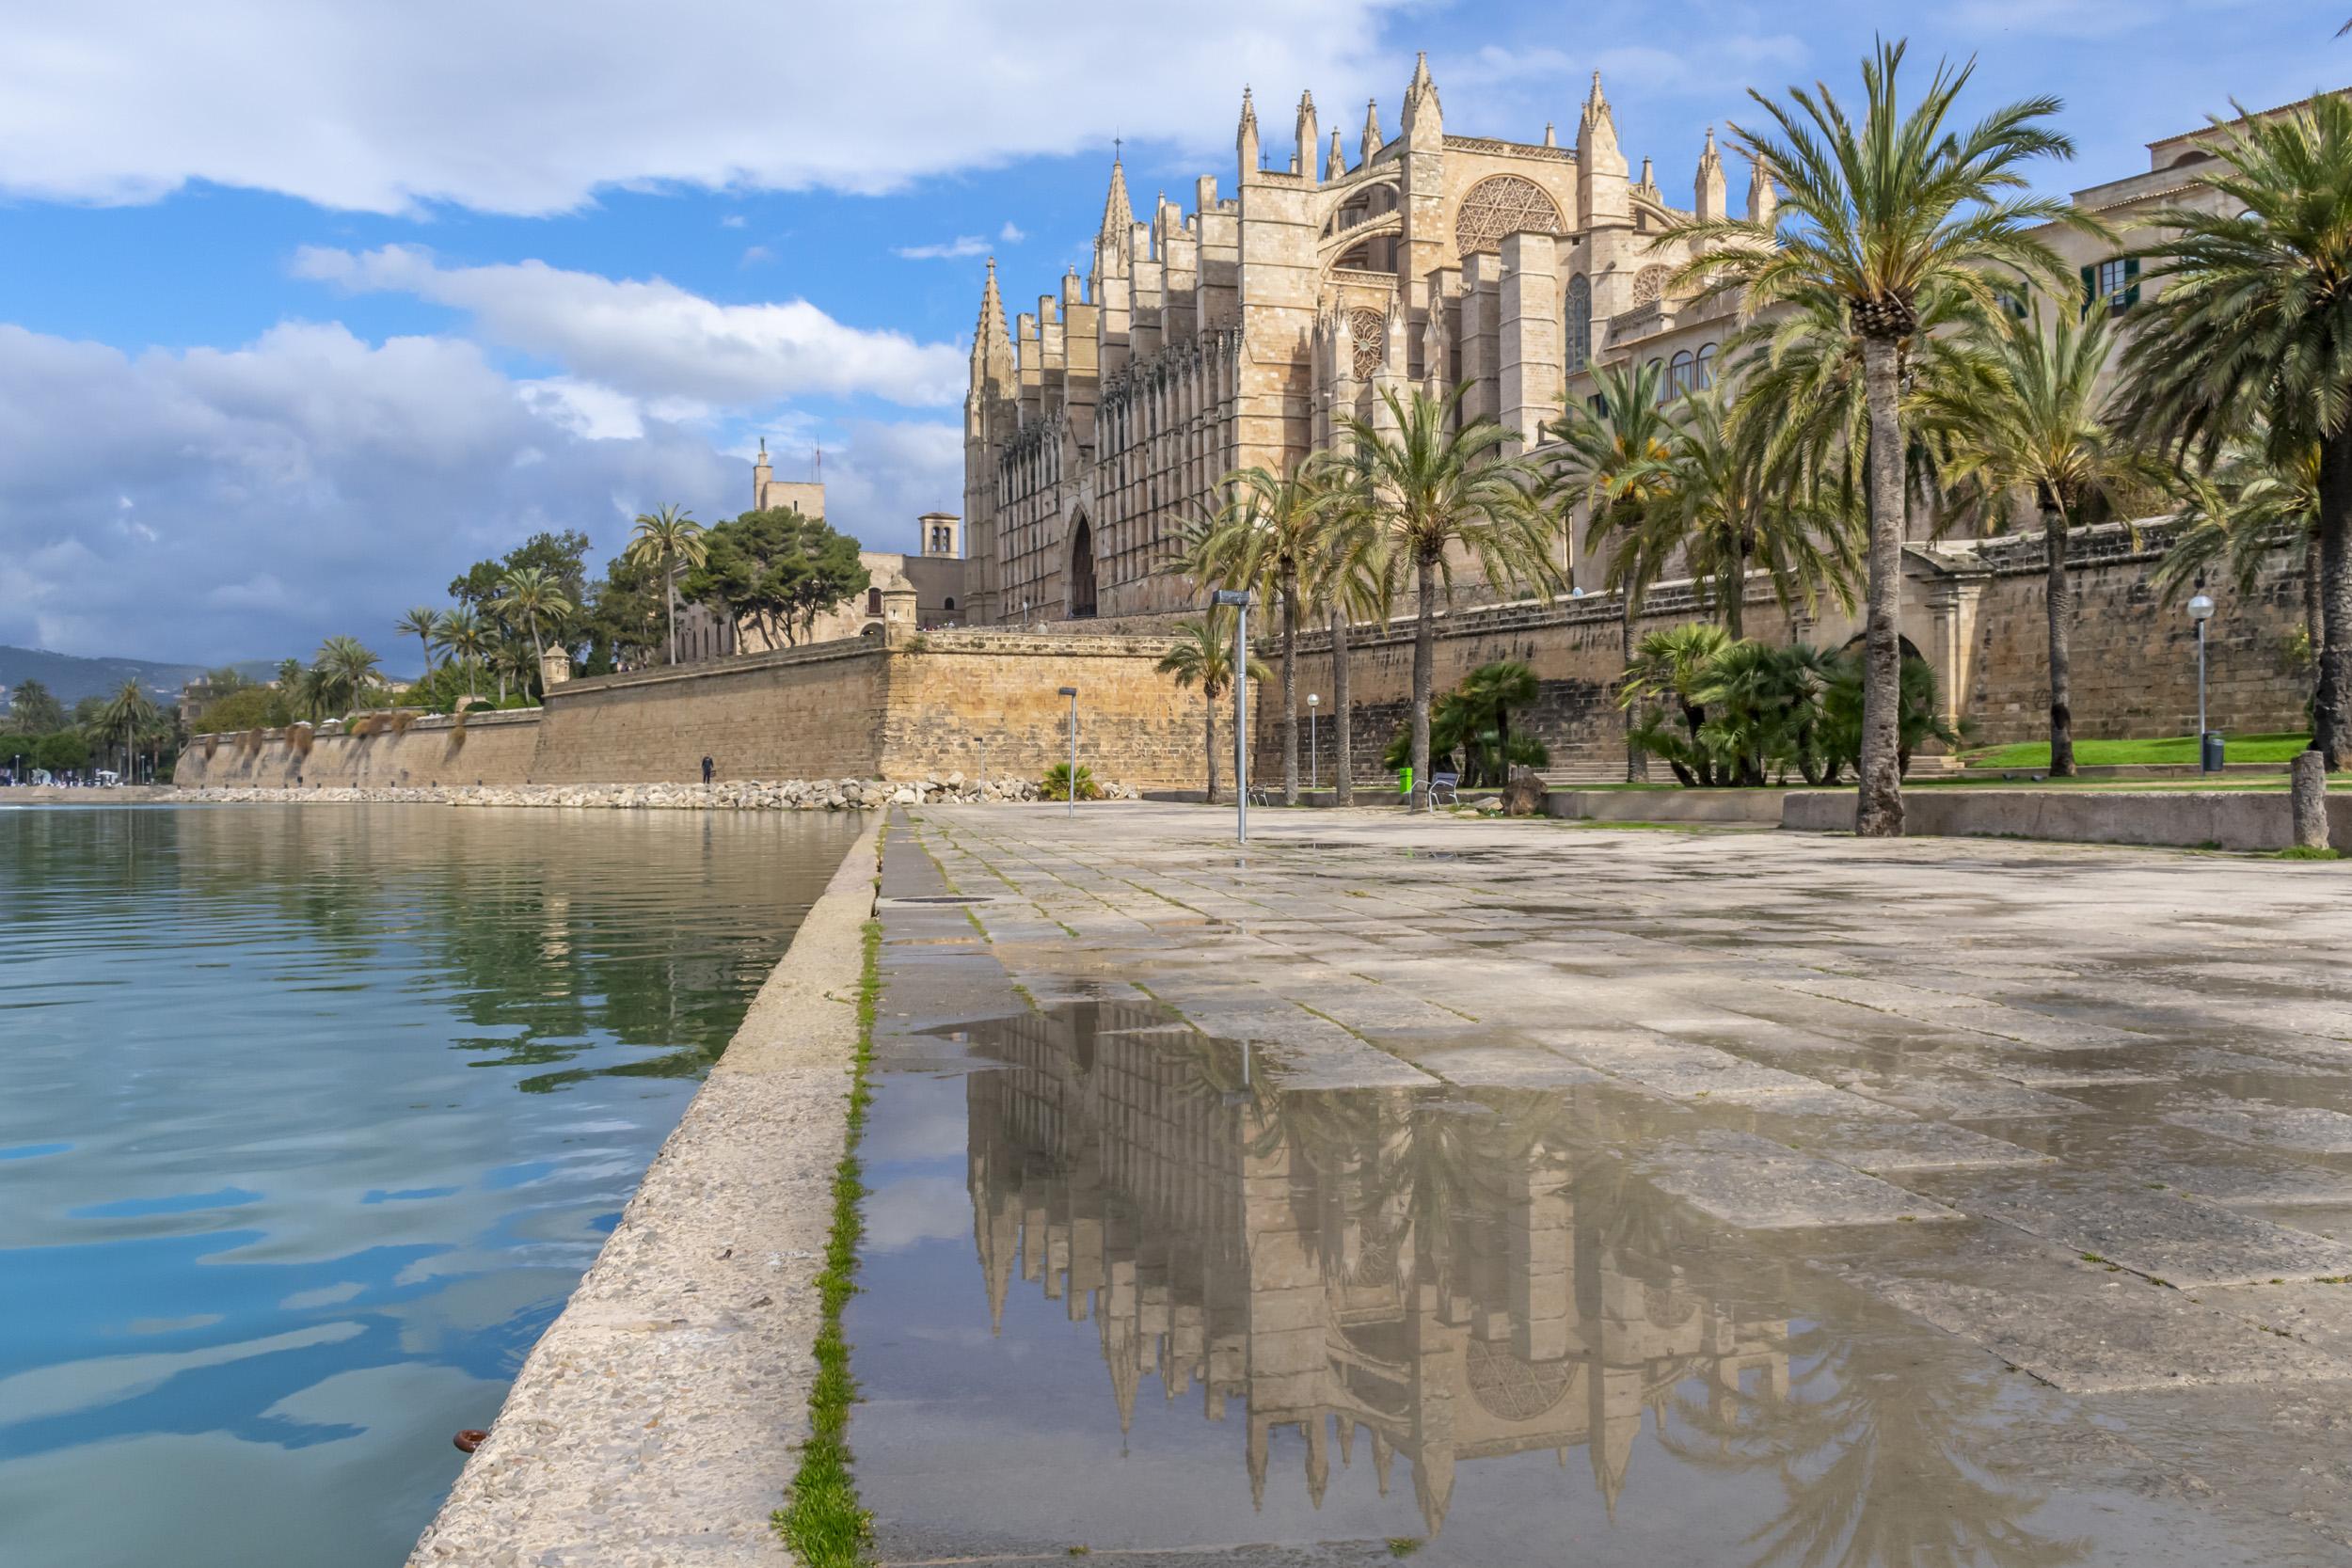 Mallorca Cathedral - Mallorca, Spain